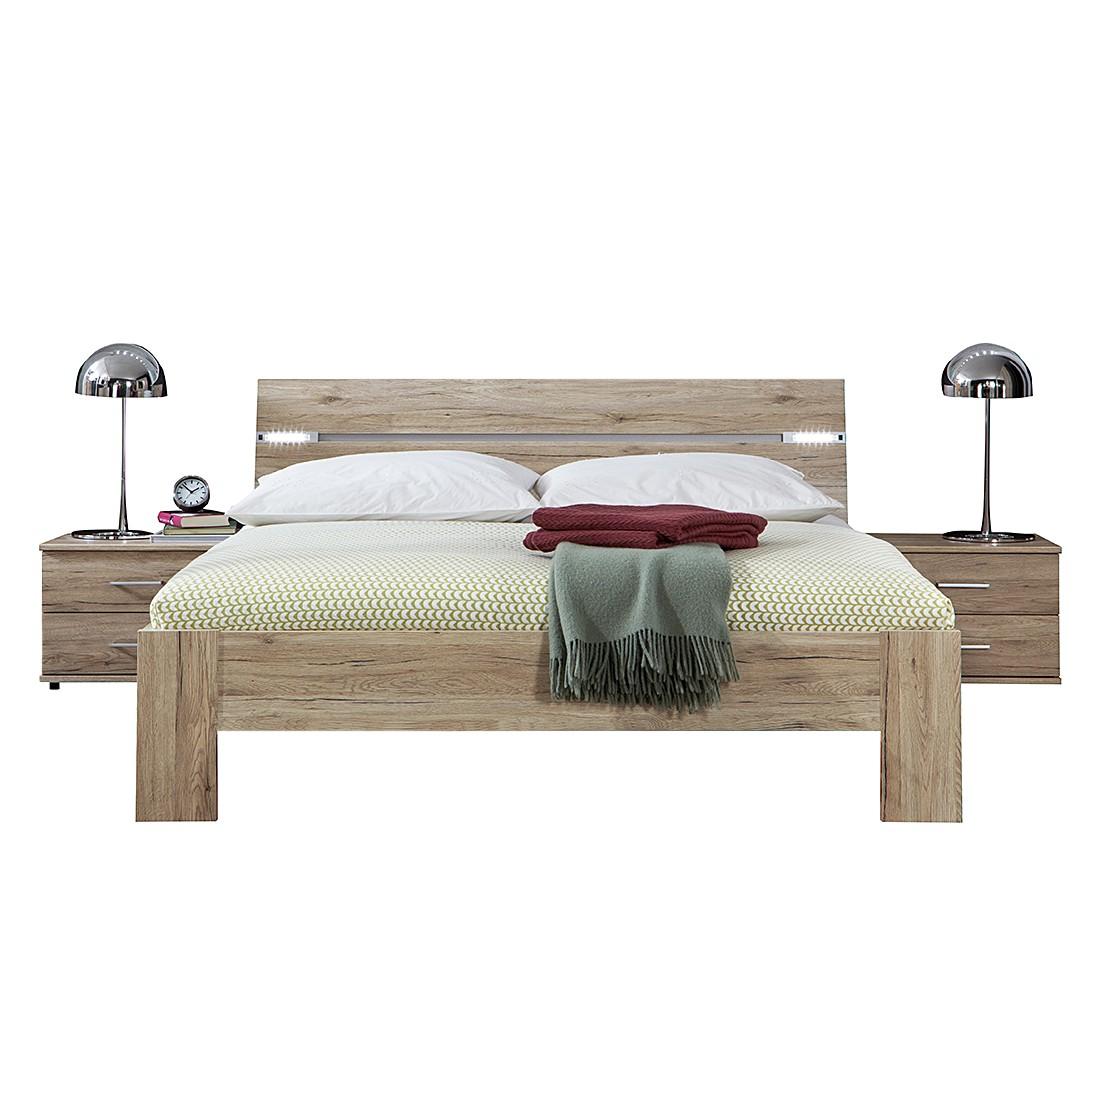 Combinaison de chambre à coucher Saxman